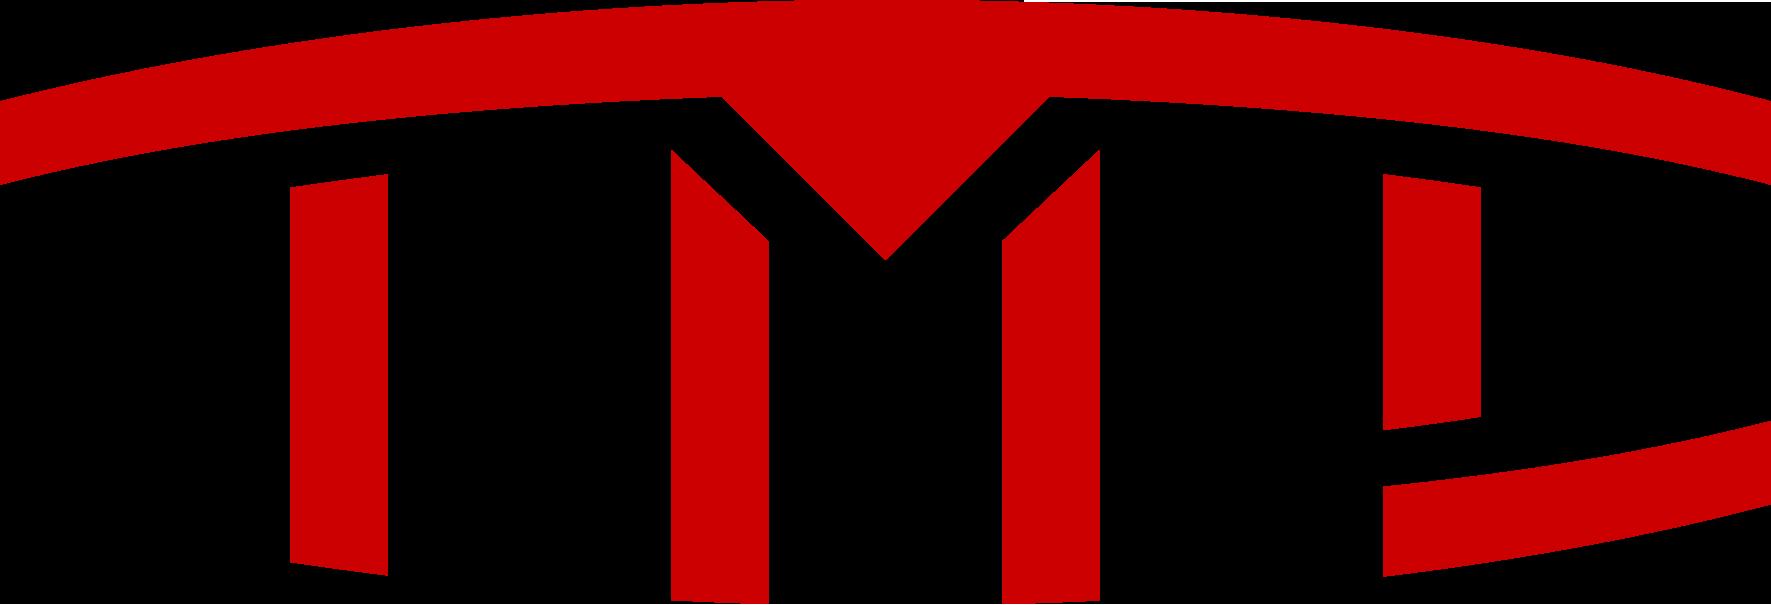 Tesla Logo Png - Free Transparent PNG Logos